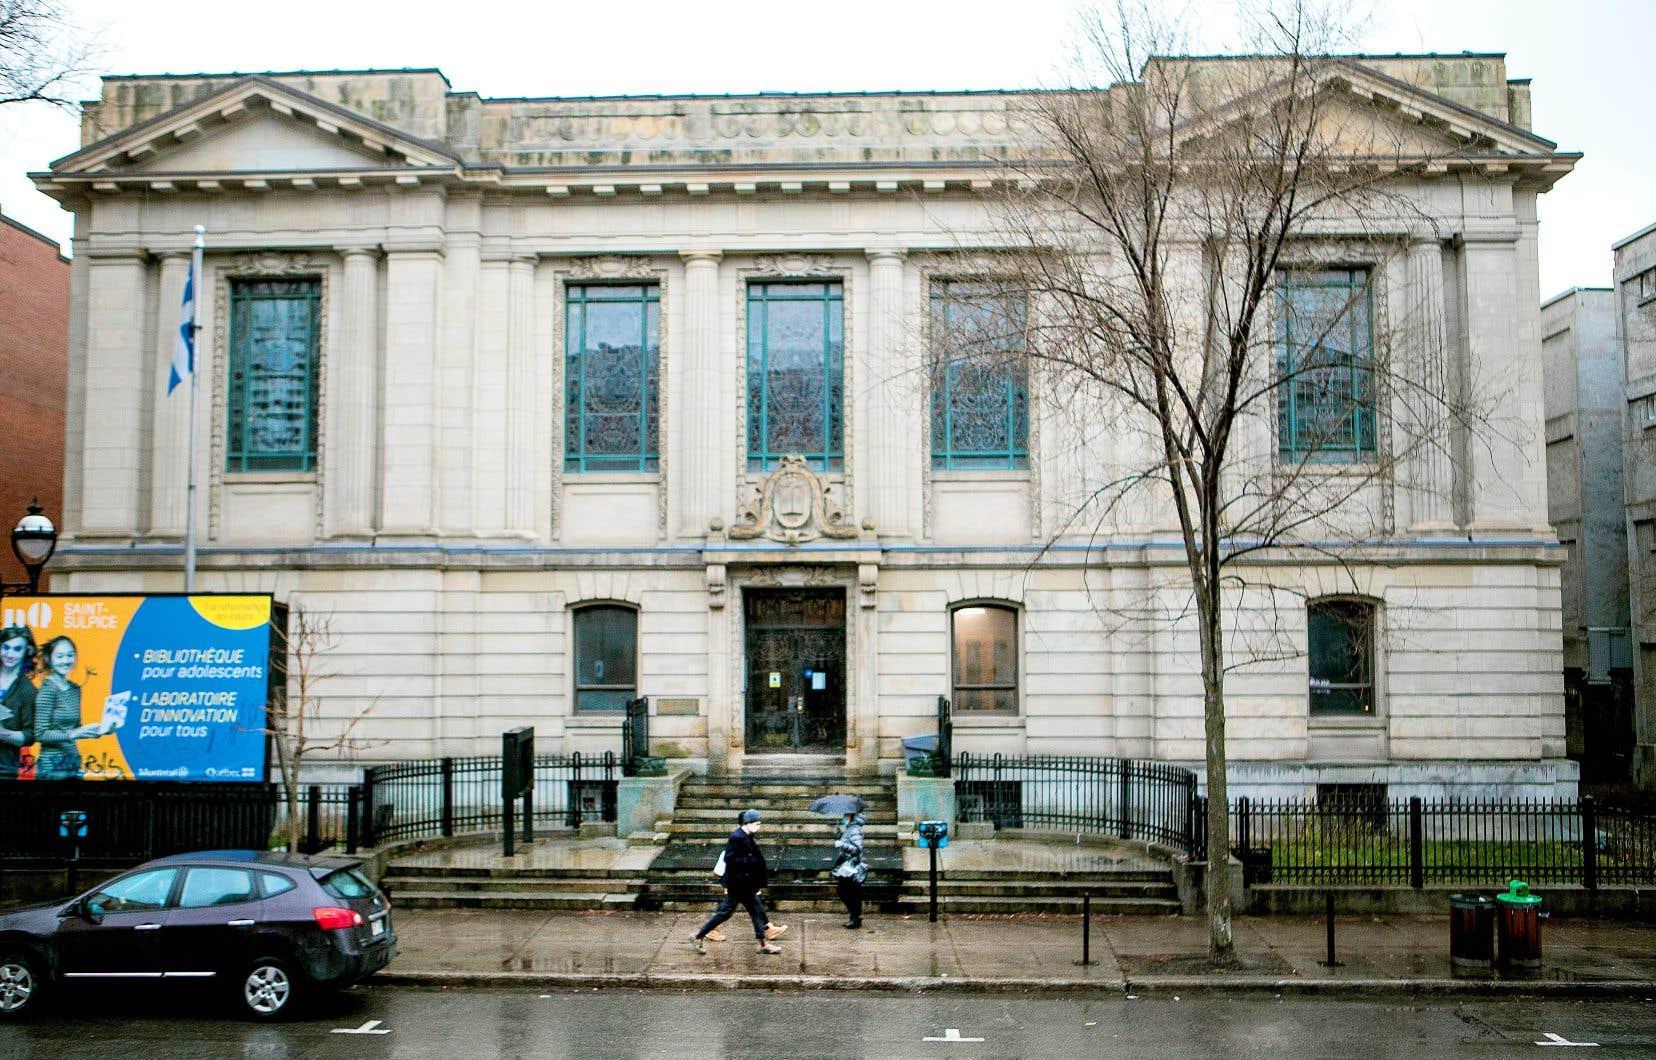 Comme la bibliothèque Saint-Sulpice est inoccupée depuis près de deux décennies, son état s'est dégradé et des travaux d'urgence sont devenus nécessaires.